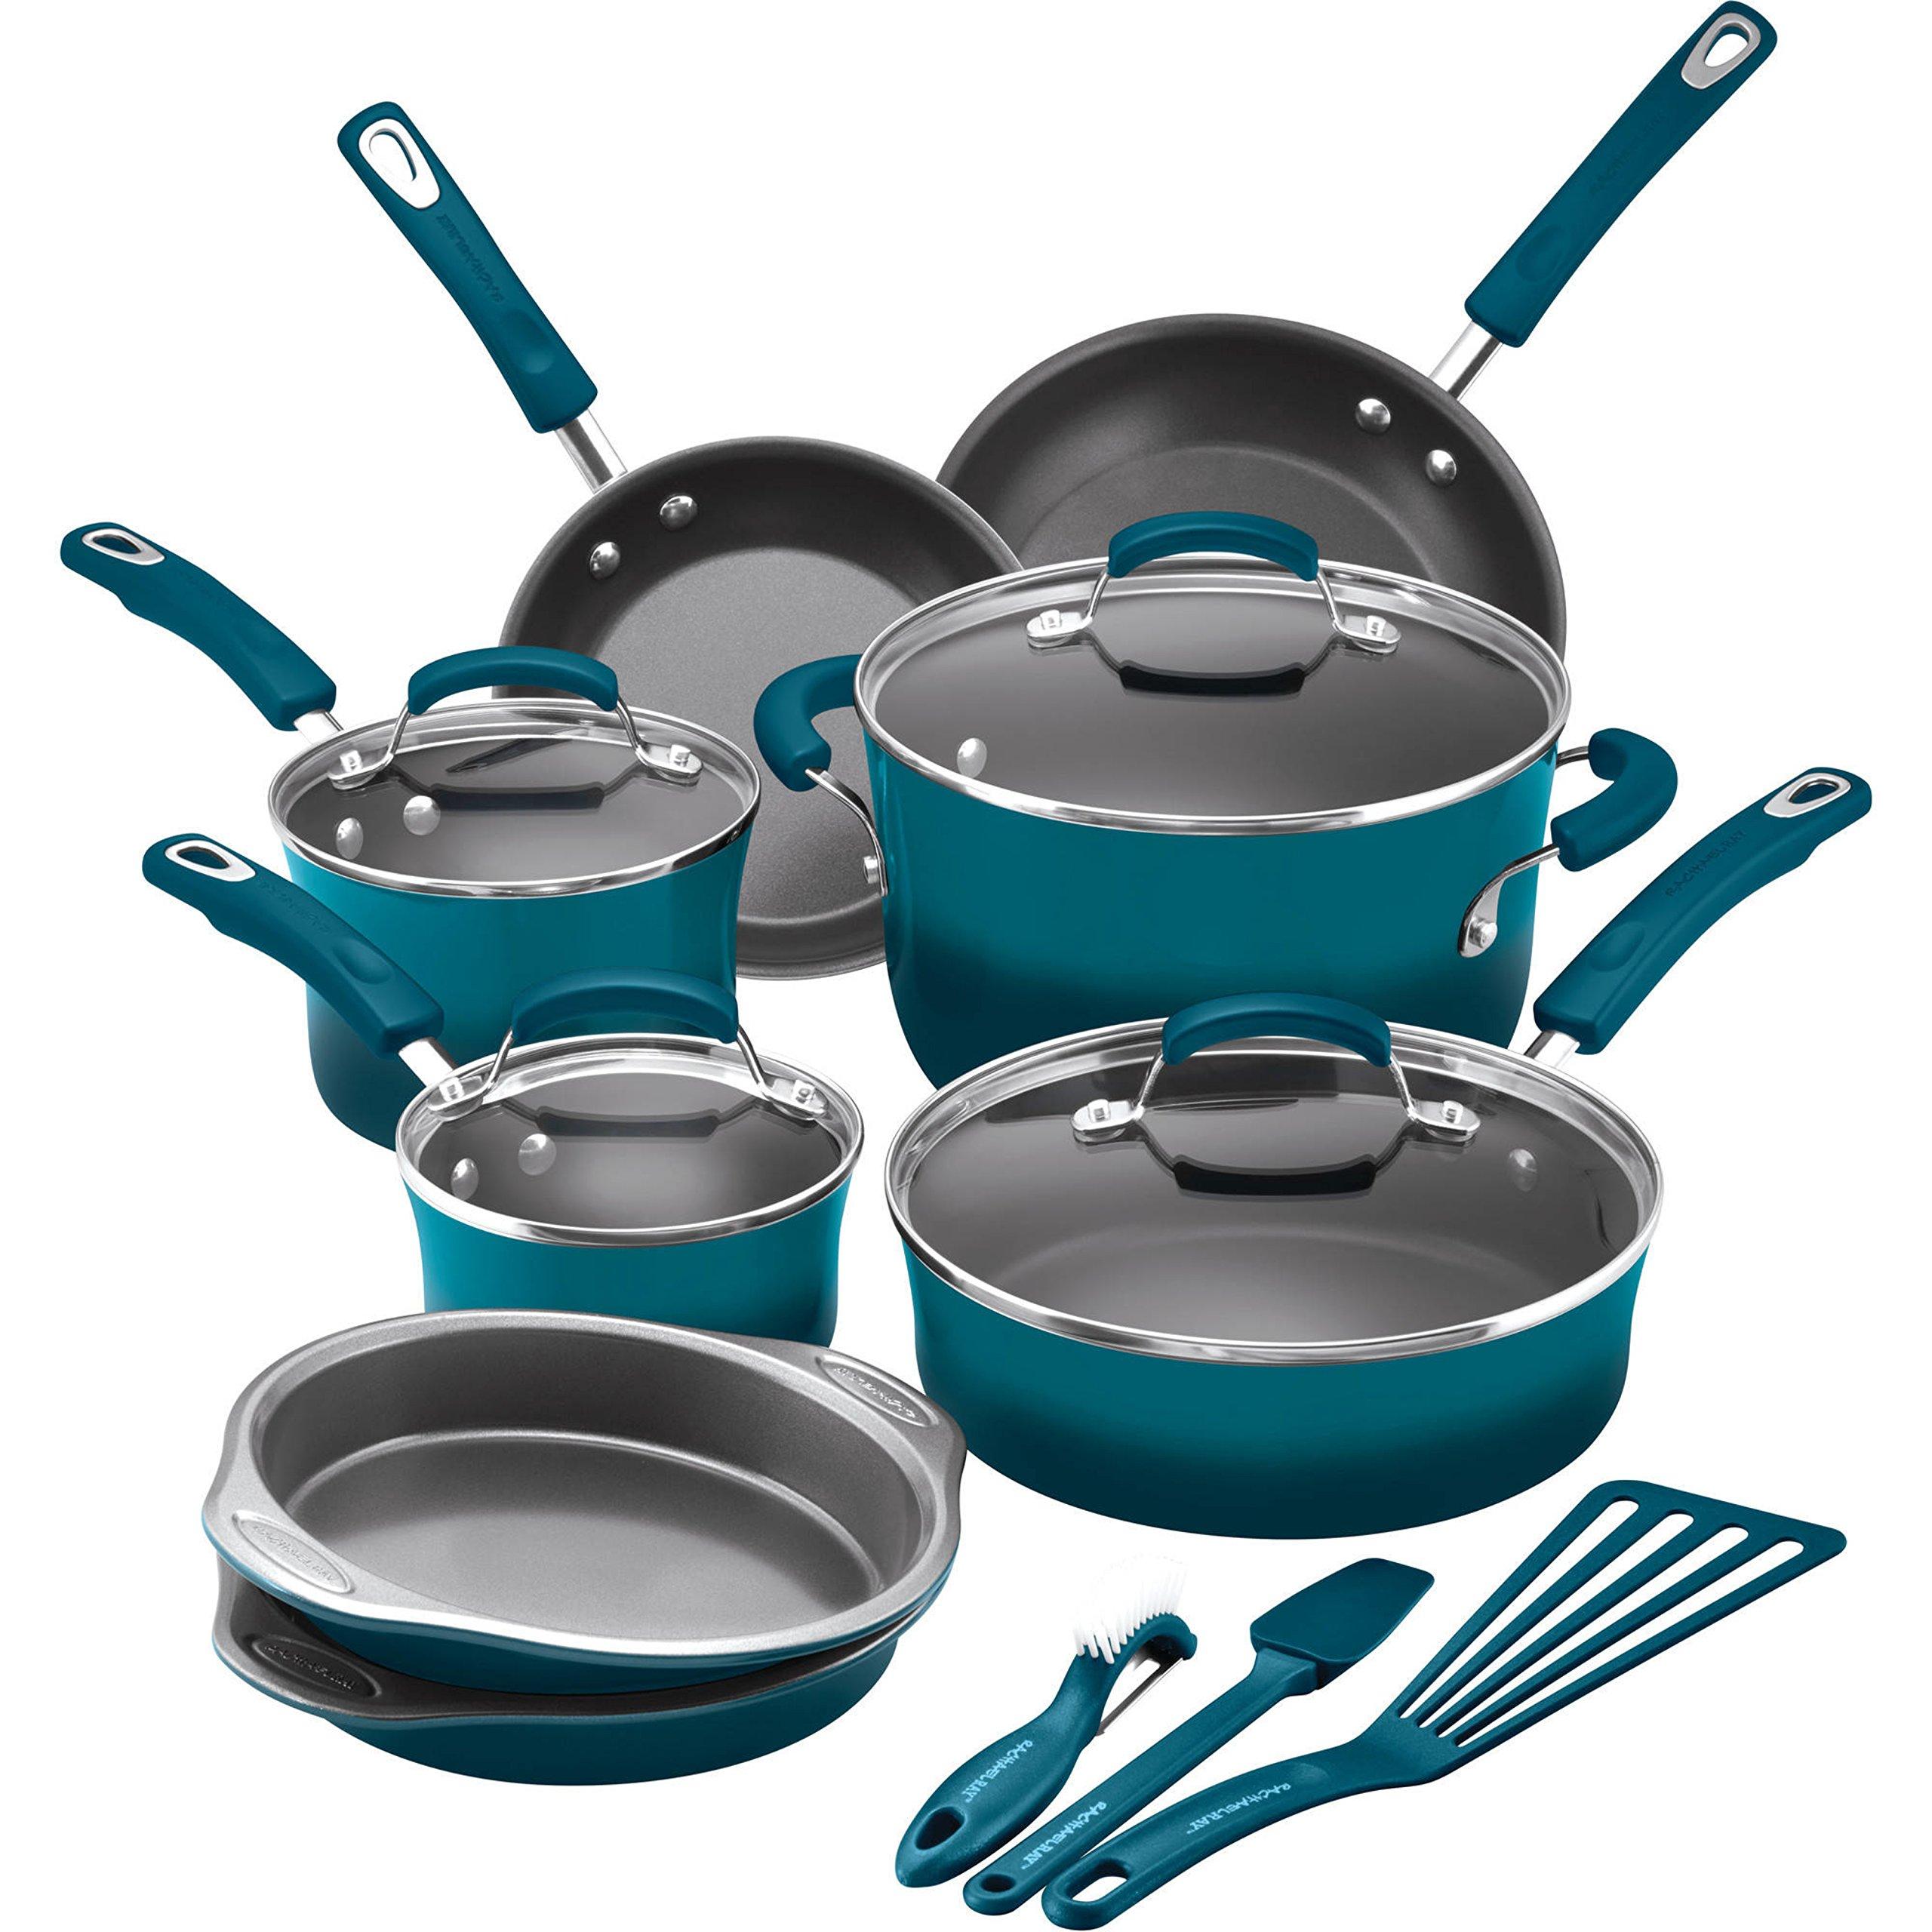 15-Piece Durable Aluminum Construction Shatter Resistant Blue Nonstick Cookware Set